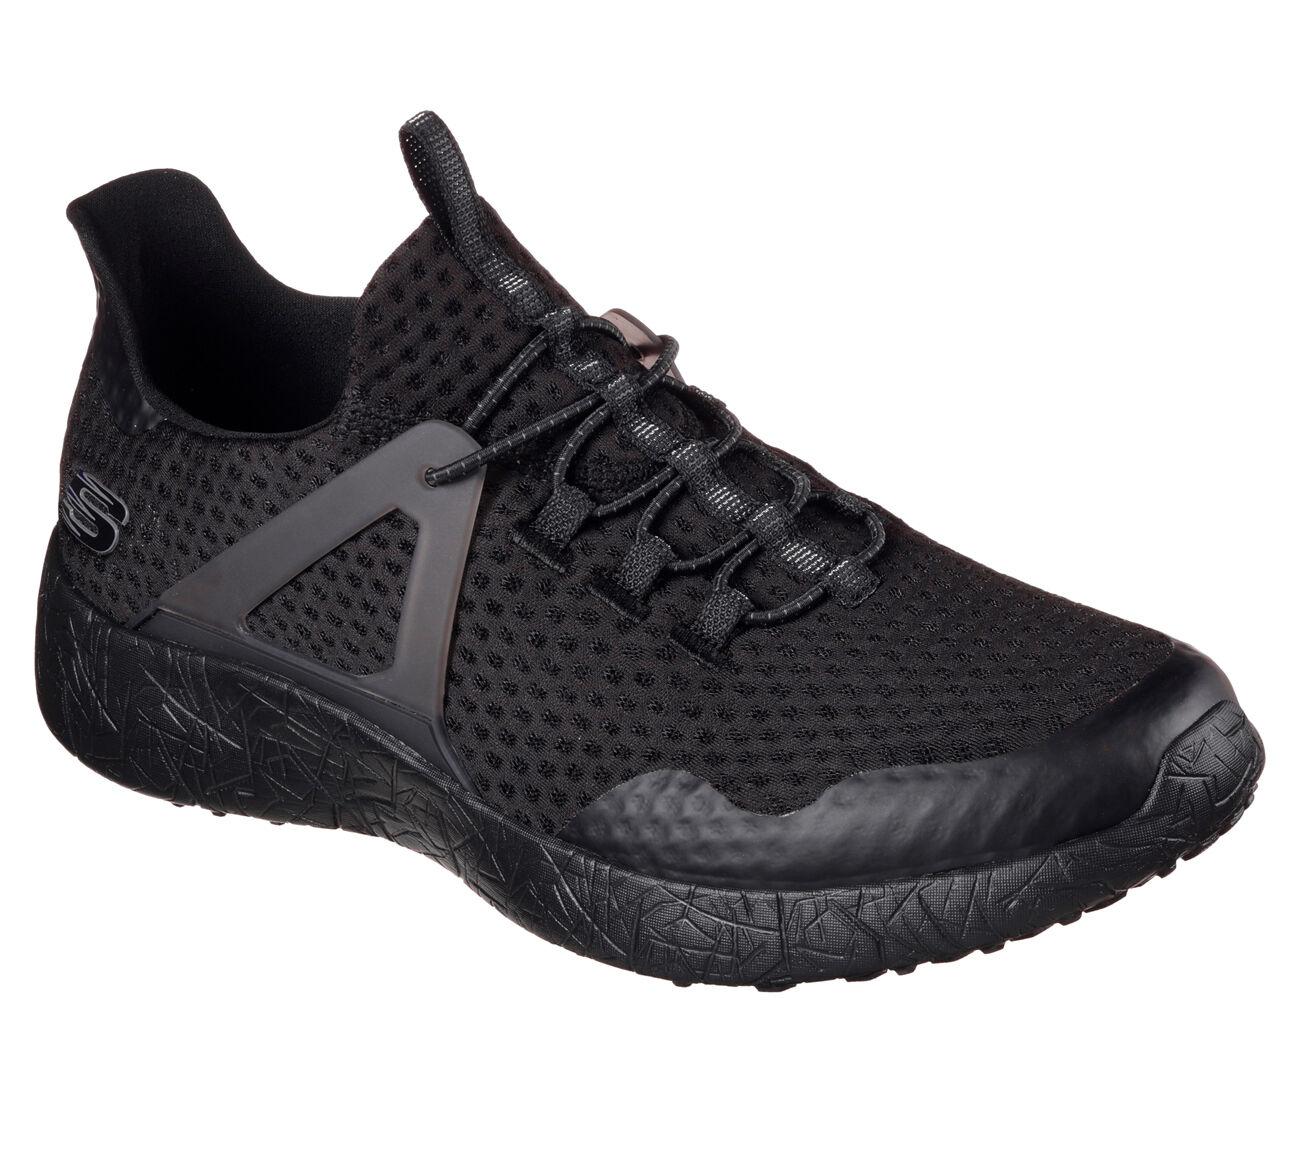 Skechers Burst Shinz chaussures Mens formateurs Fashion sport chaussures Shinz tricot maille mousse de mémoire 2c3eda